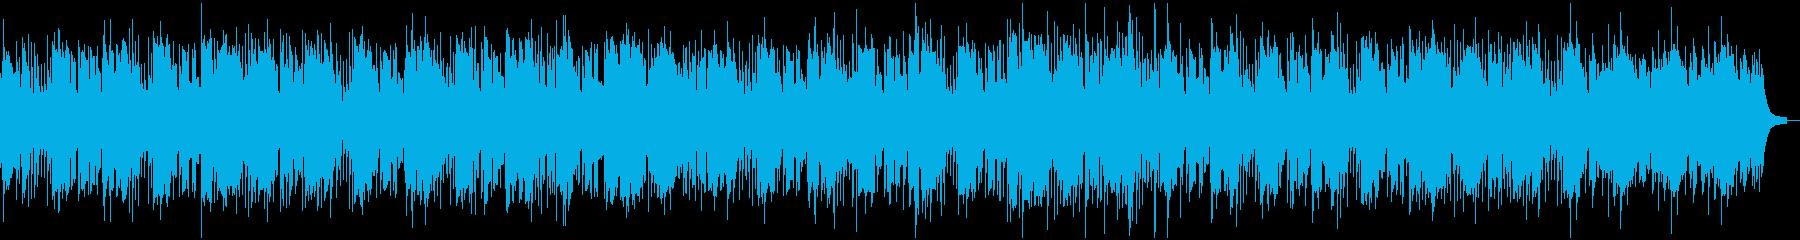 シンプルなピアノデュオ・カクテルジャズの再生済みの波形